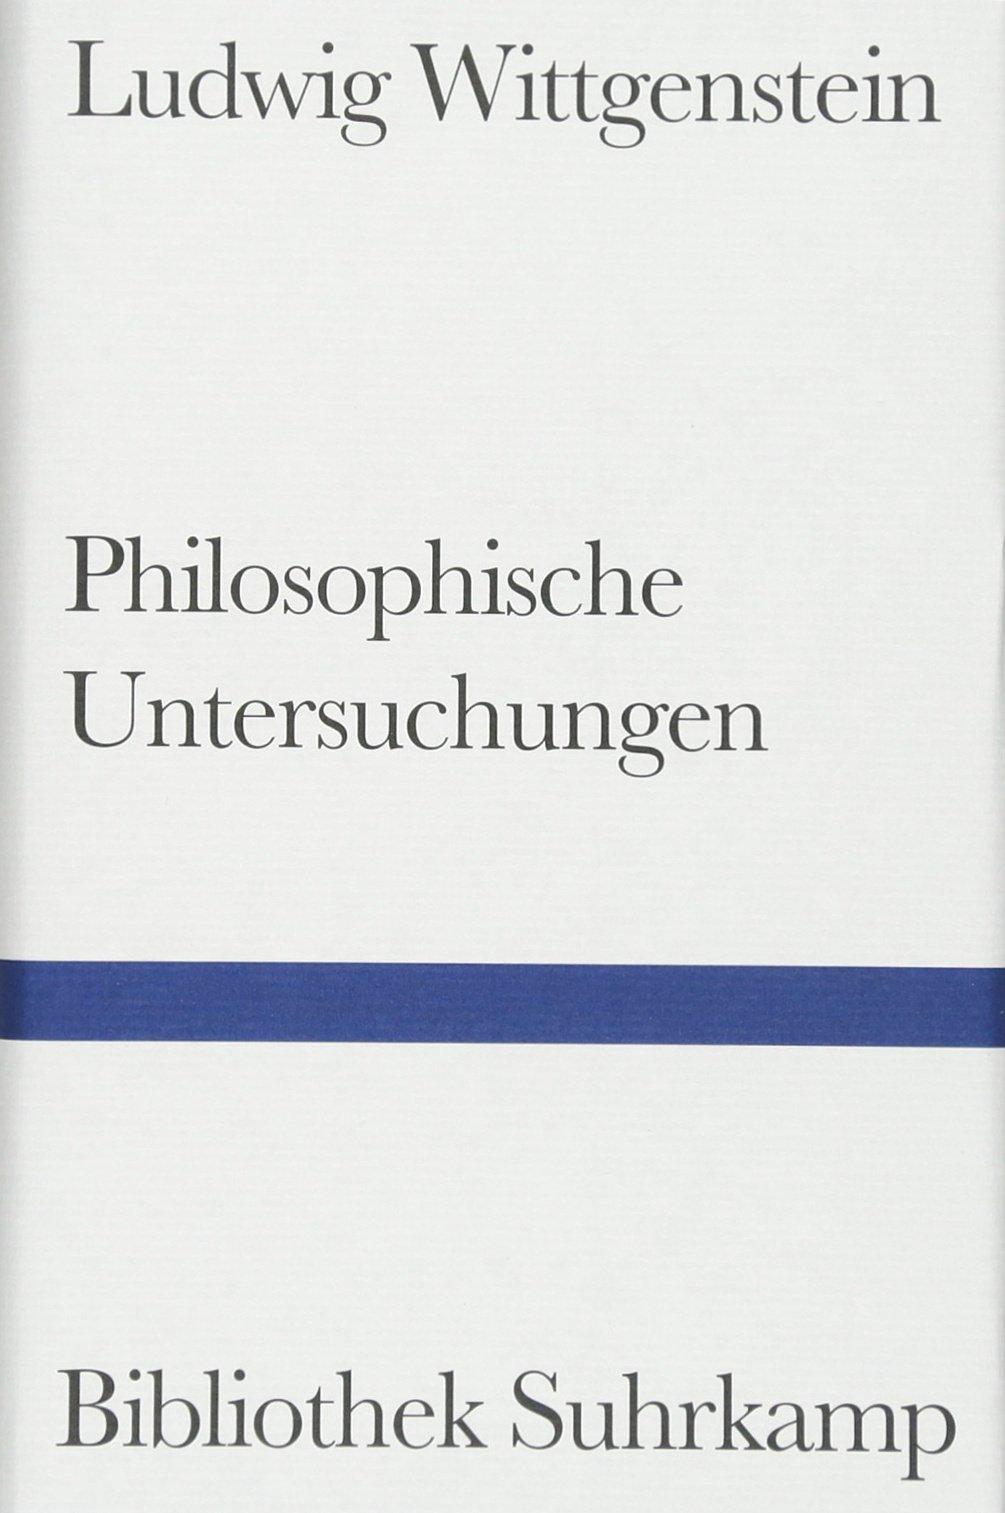 Philosophische Untersuchungen Gebundenes Buch – 22. September 2003 Ludwig Wittgenstein Suhrkamp Verlag 3518223720 20.